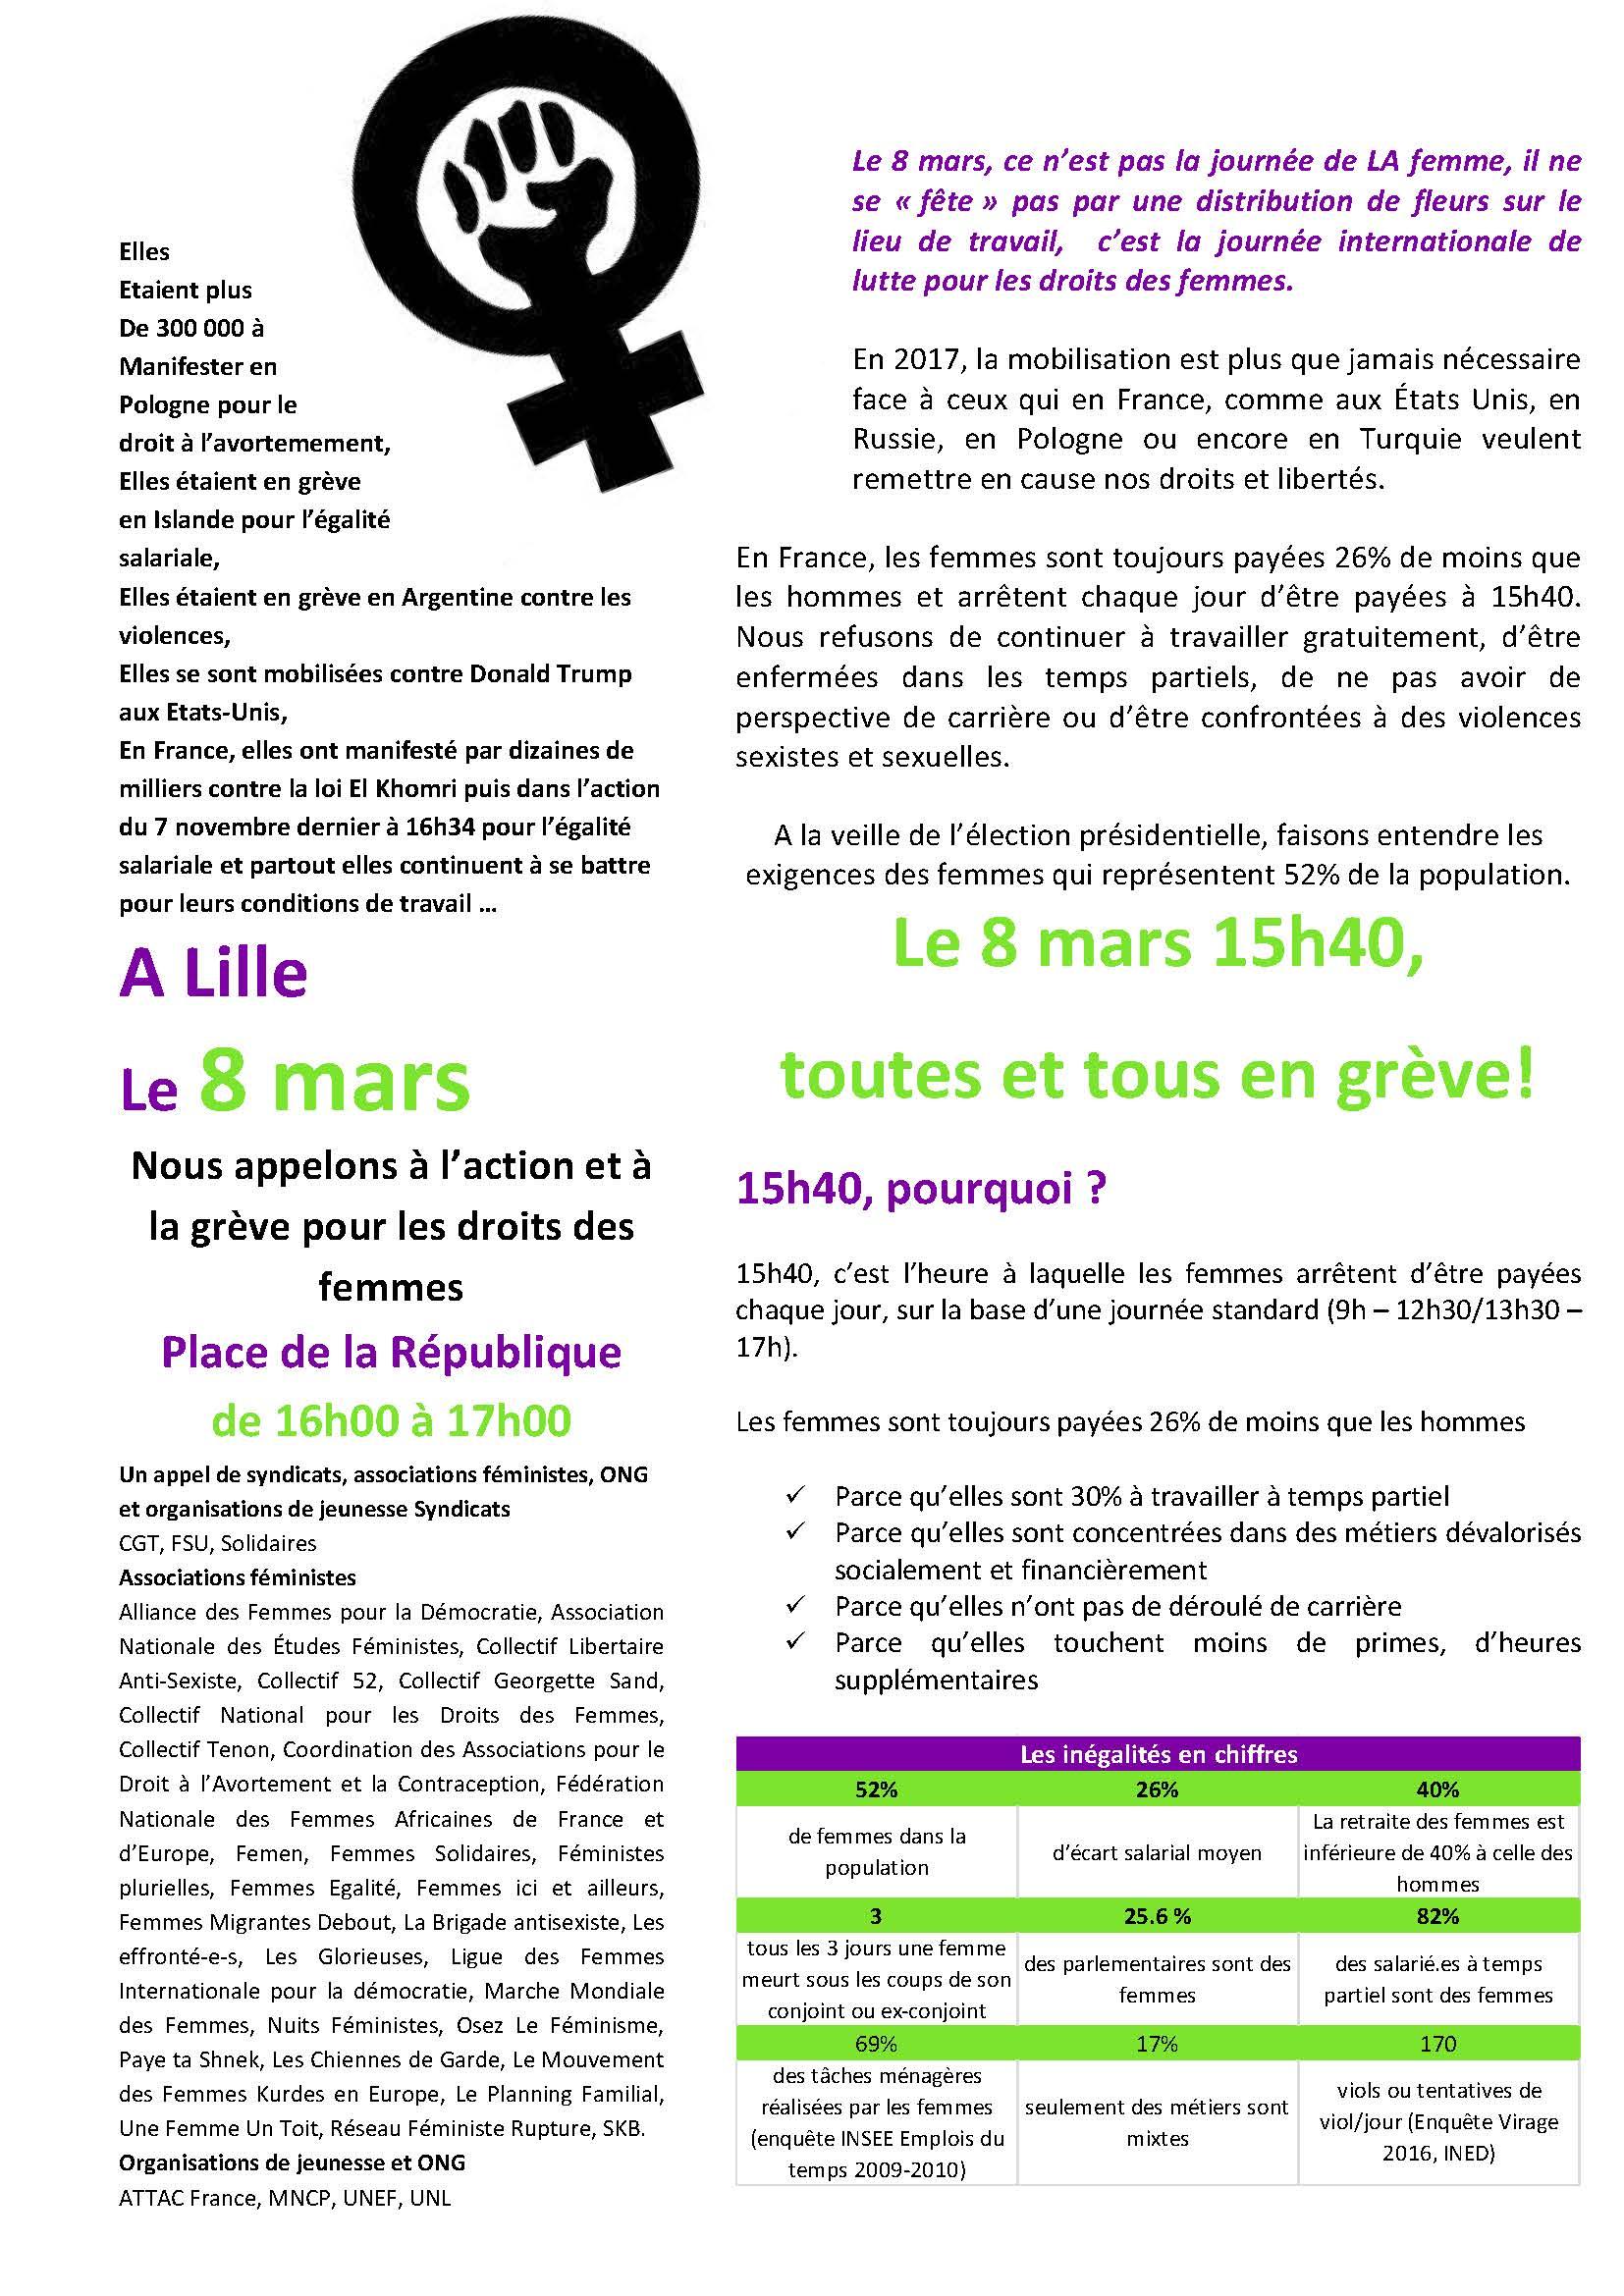 grève des femmes 8 mars 2017